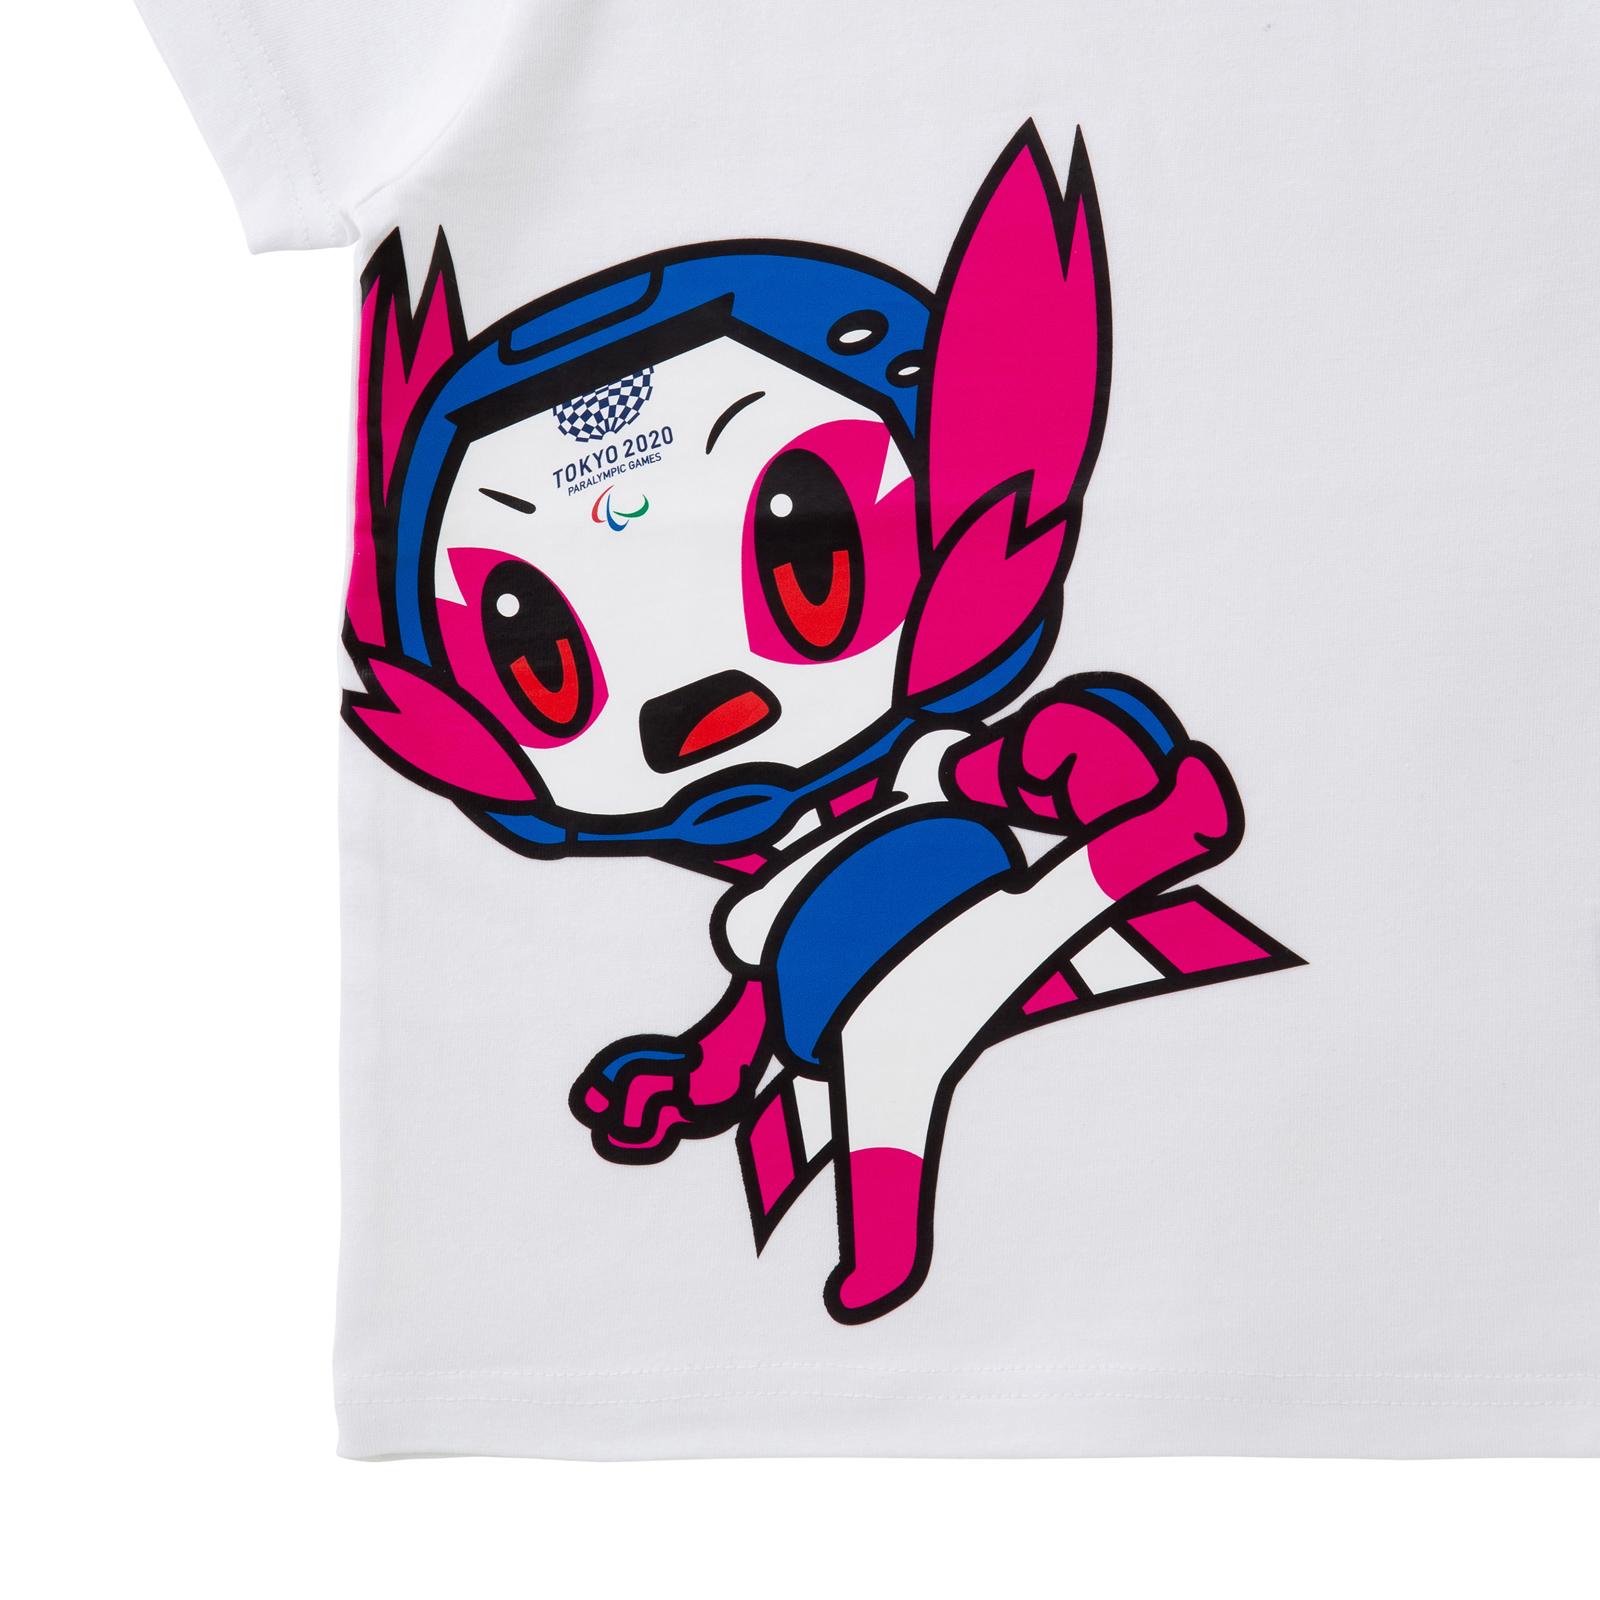 KIDSTシャツテコンドー(東京2020パラリンピックマスコット)